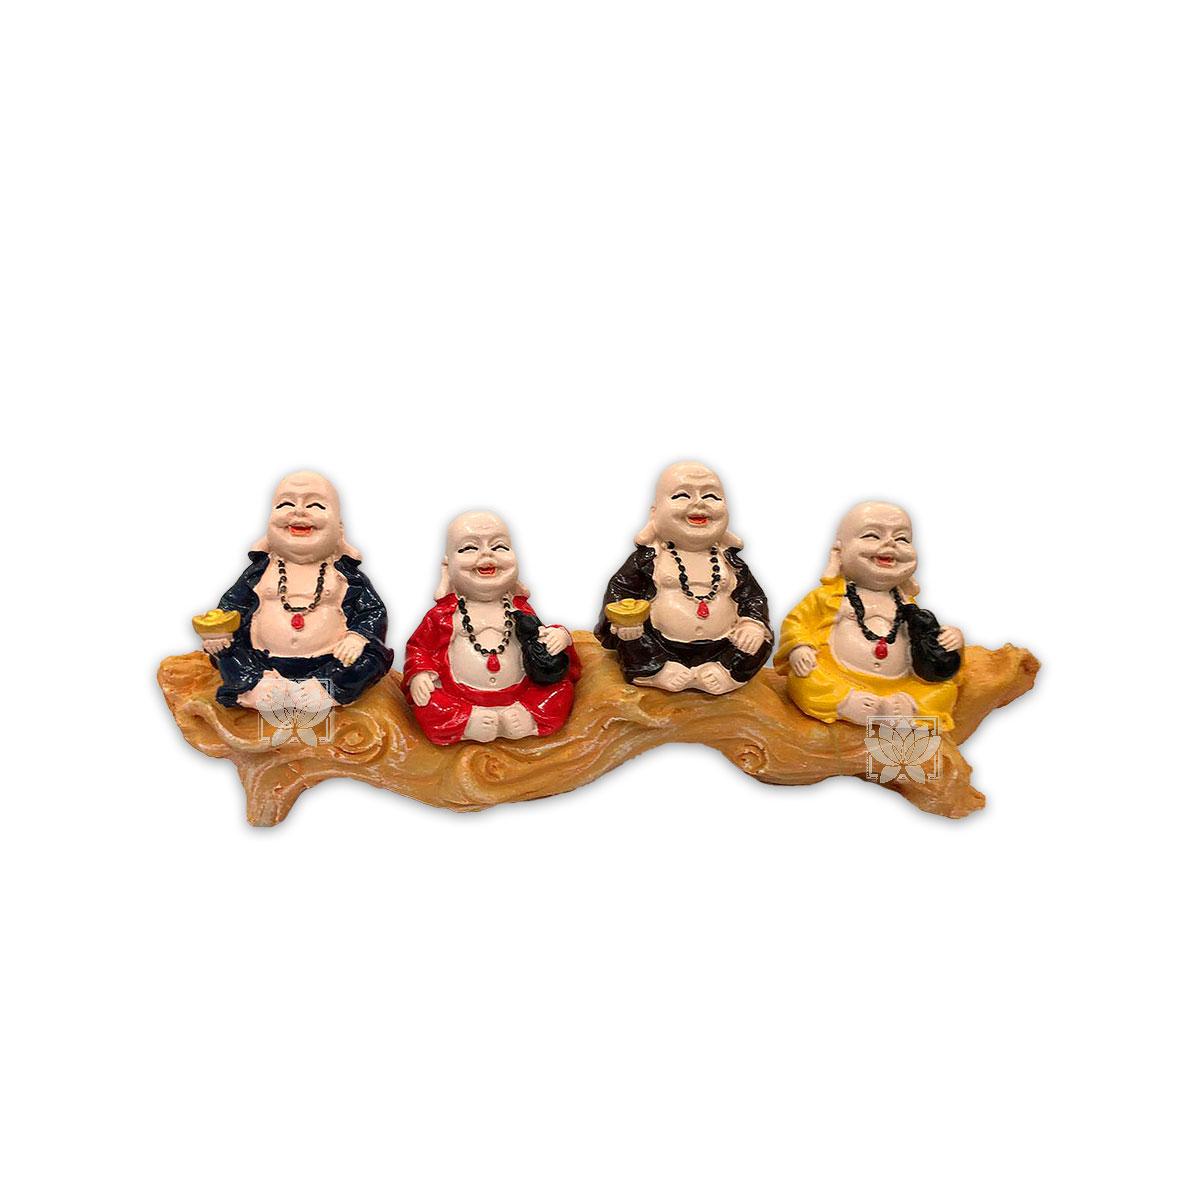 Set Figura Buda  Poliresina Pedestal   3,5